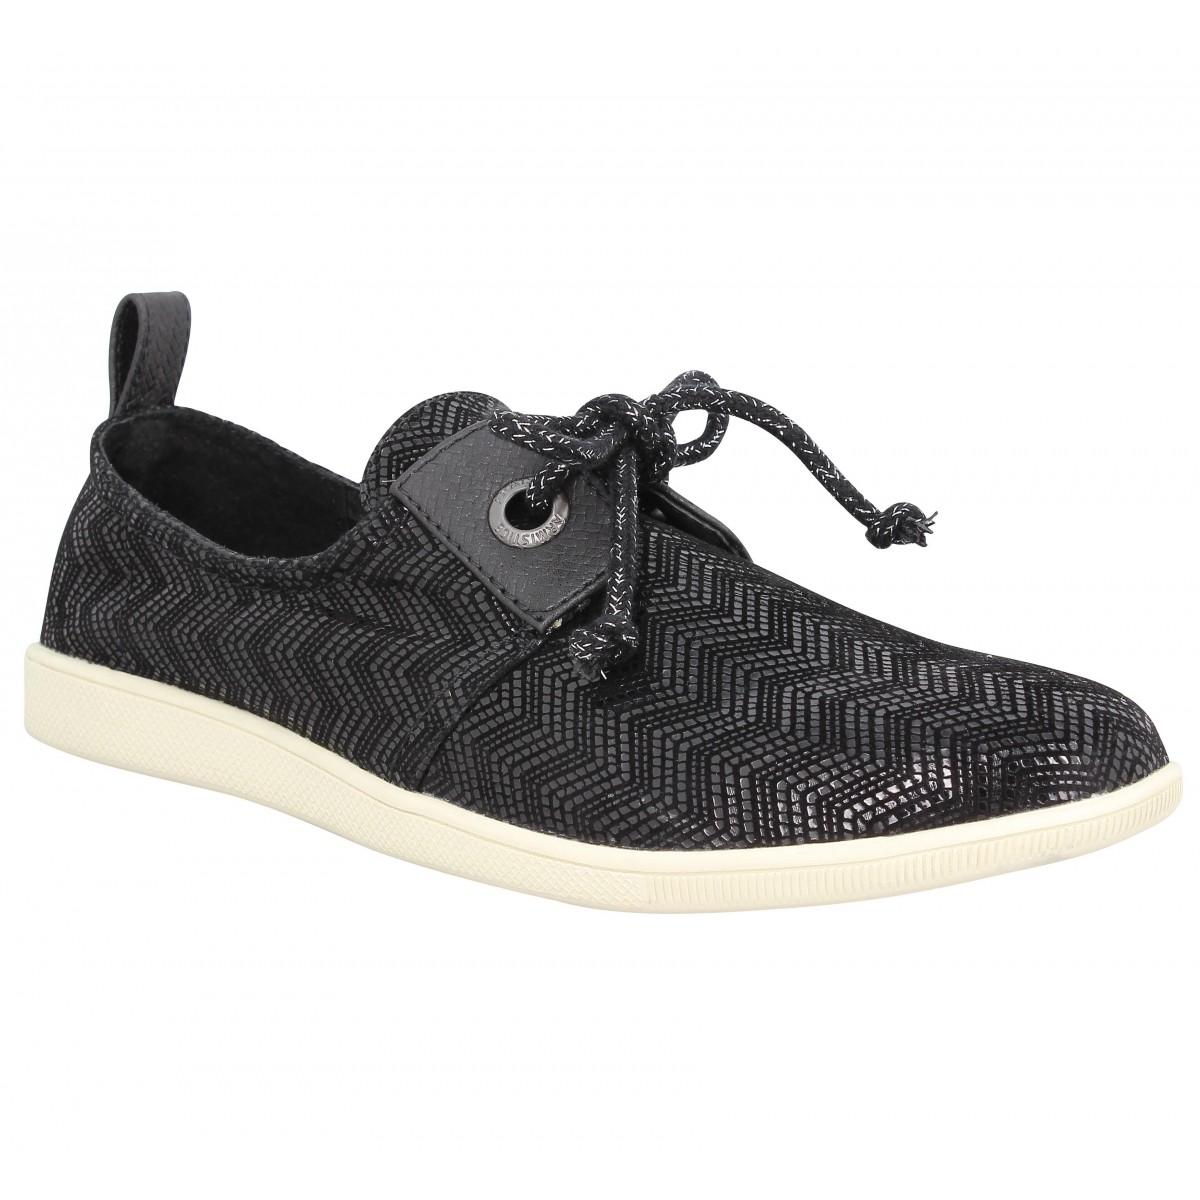 Baskets ARMISTICE Stone Glove cuir Step Noir